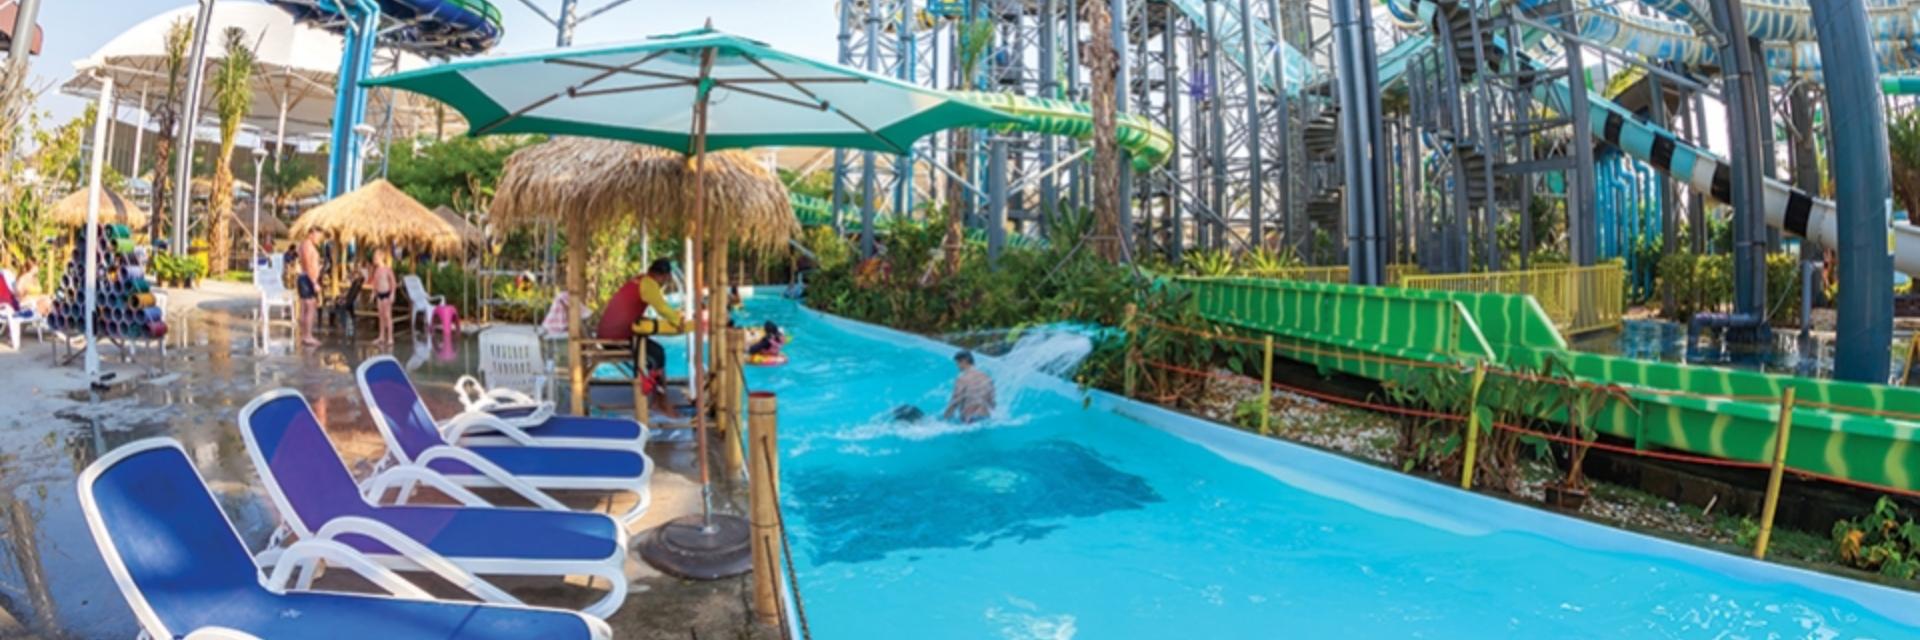 สนุกคลายร้อน เที่ยวสวนน้ำกับ 5 สวนน้ำห้ามพลาดของไทย